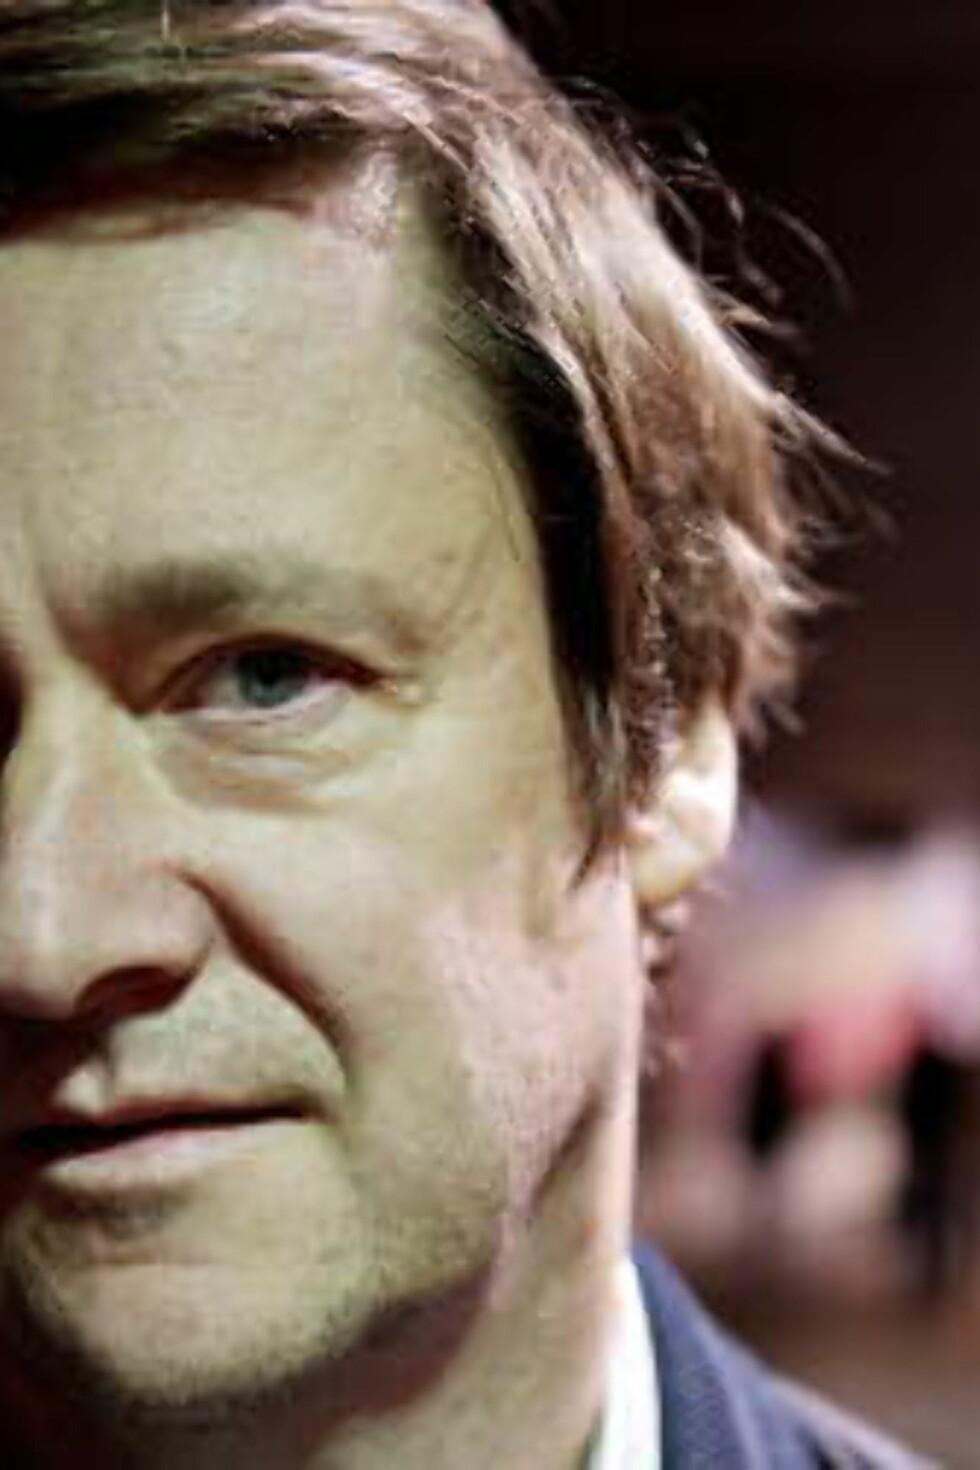 <strong>INGEN LIVSTEGN:</strong> - Jeg formoder at UD gjør det som er nødvendig for å finne ham, sier John Christian Elden, Bhattis advokat. Foto: Torbjørn Katborg Grønning / Dagbladet